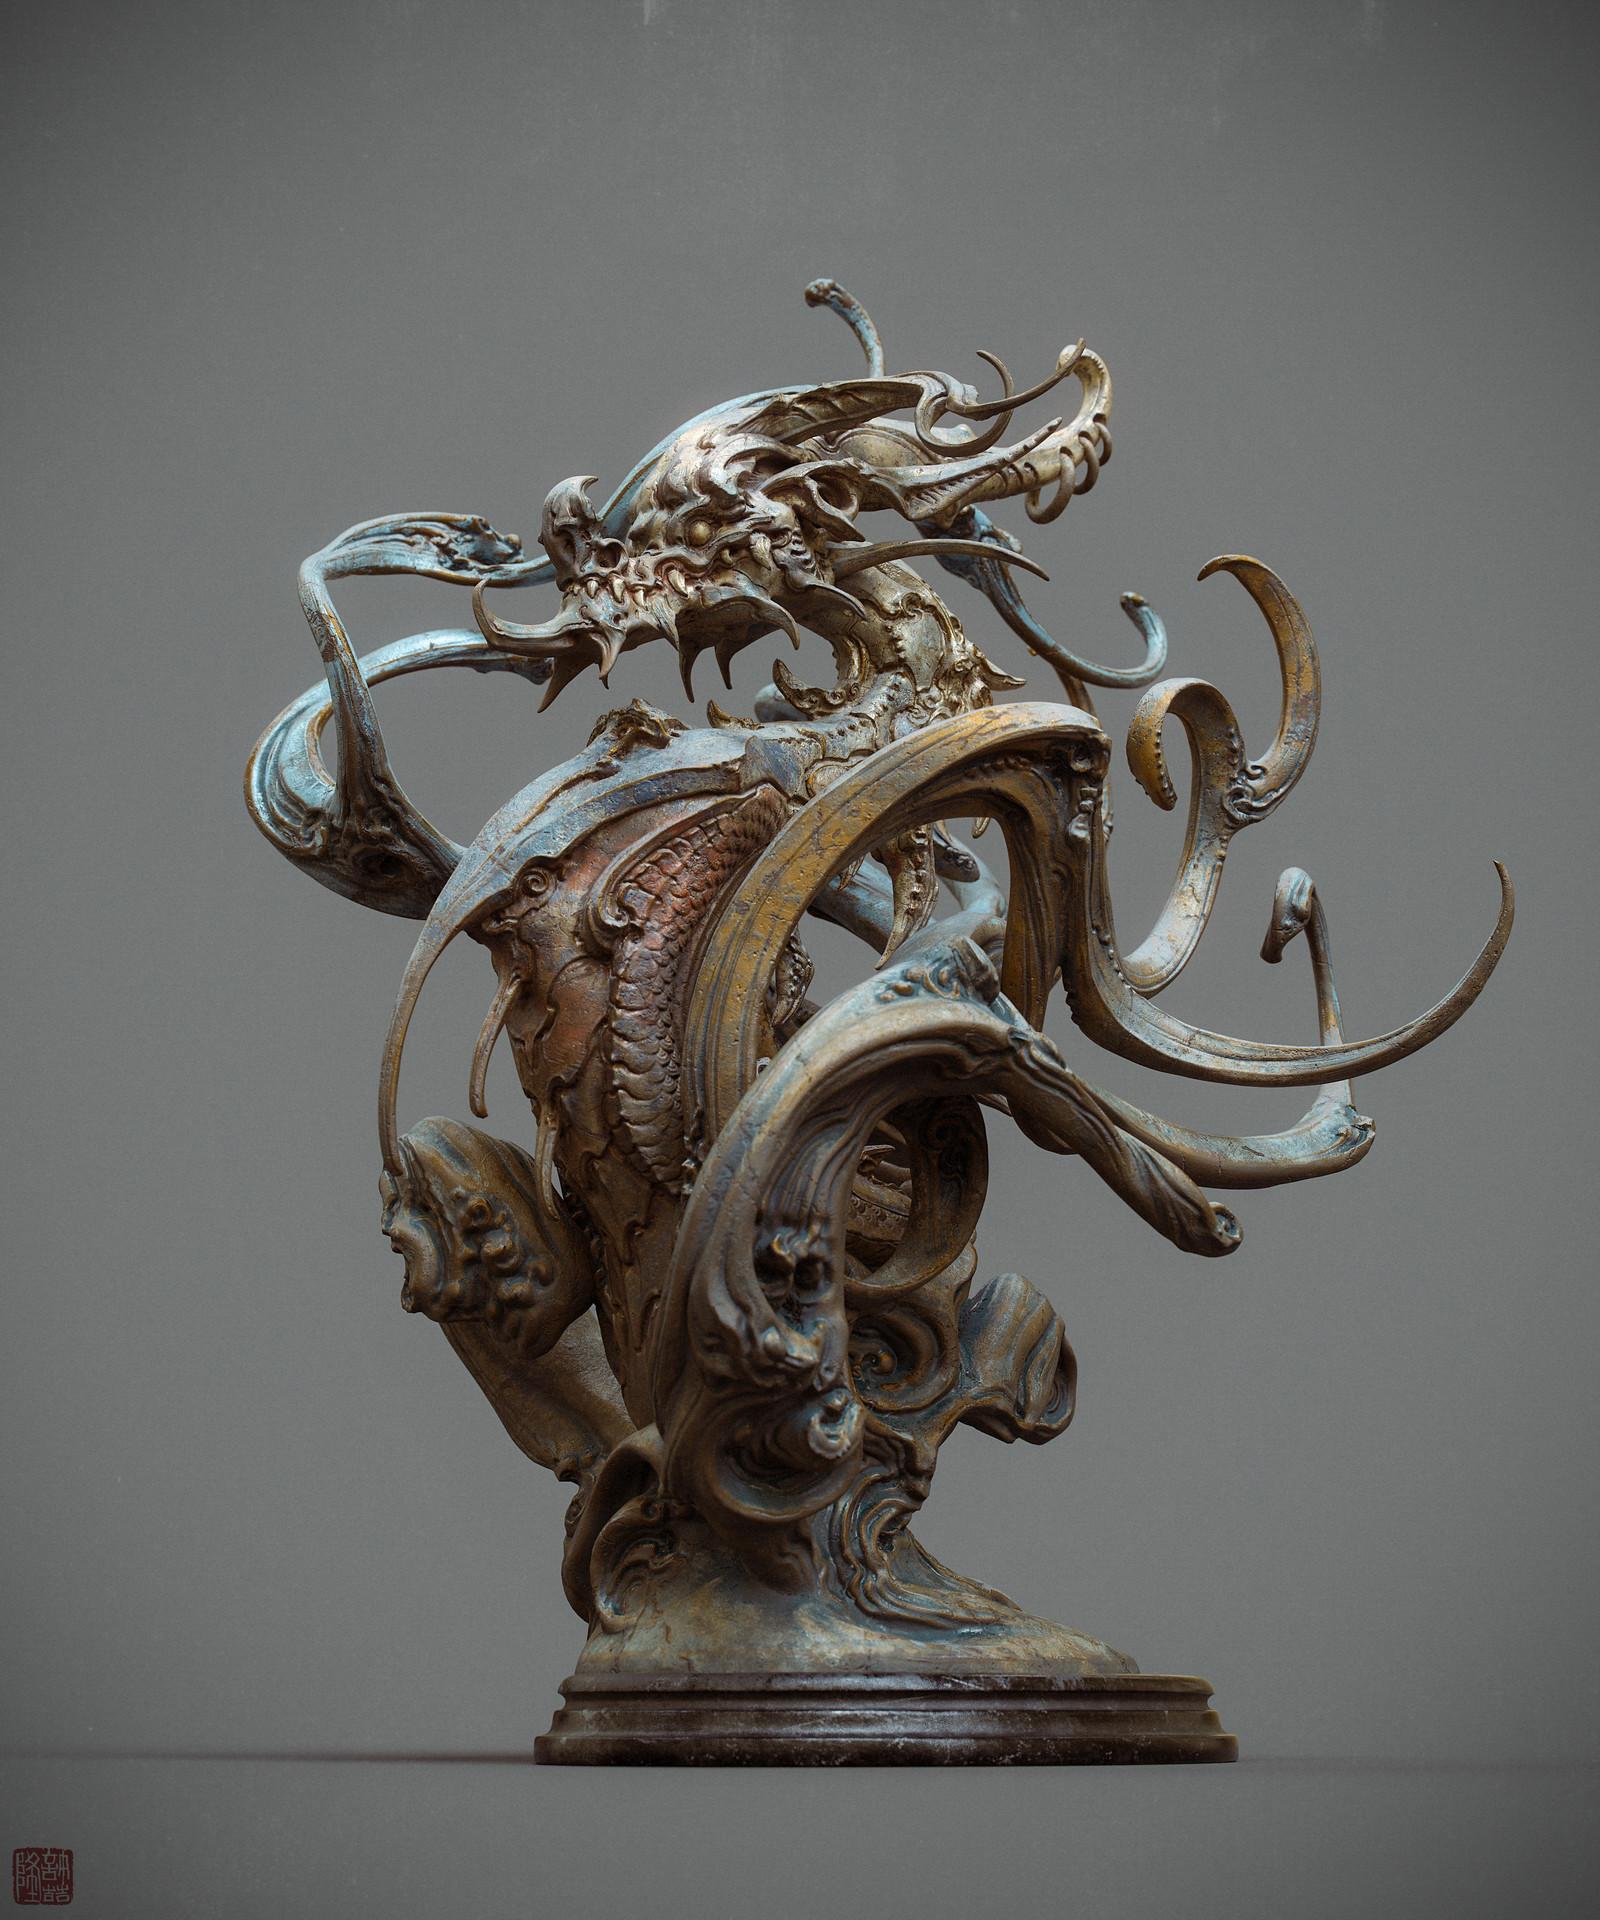 Zhelong xu zhelong xu drgaon statue02 websize